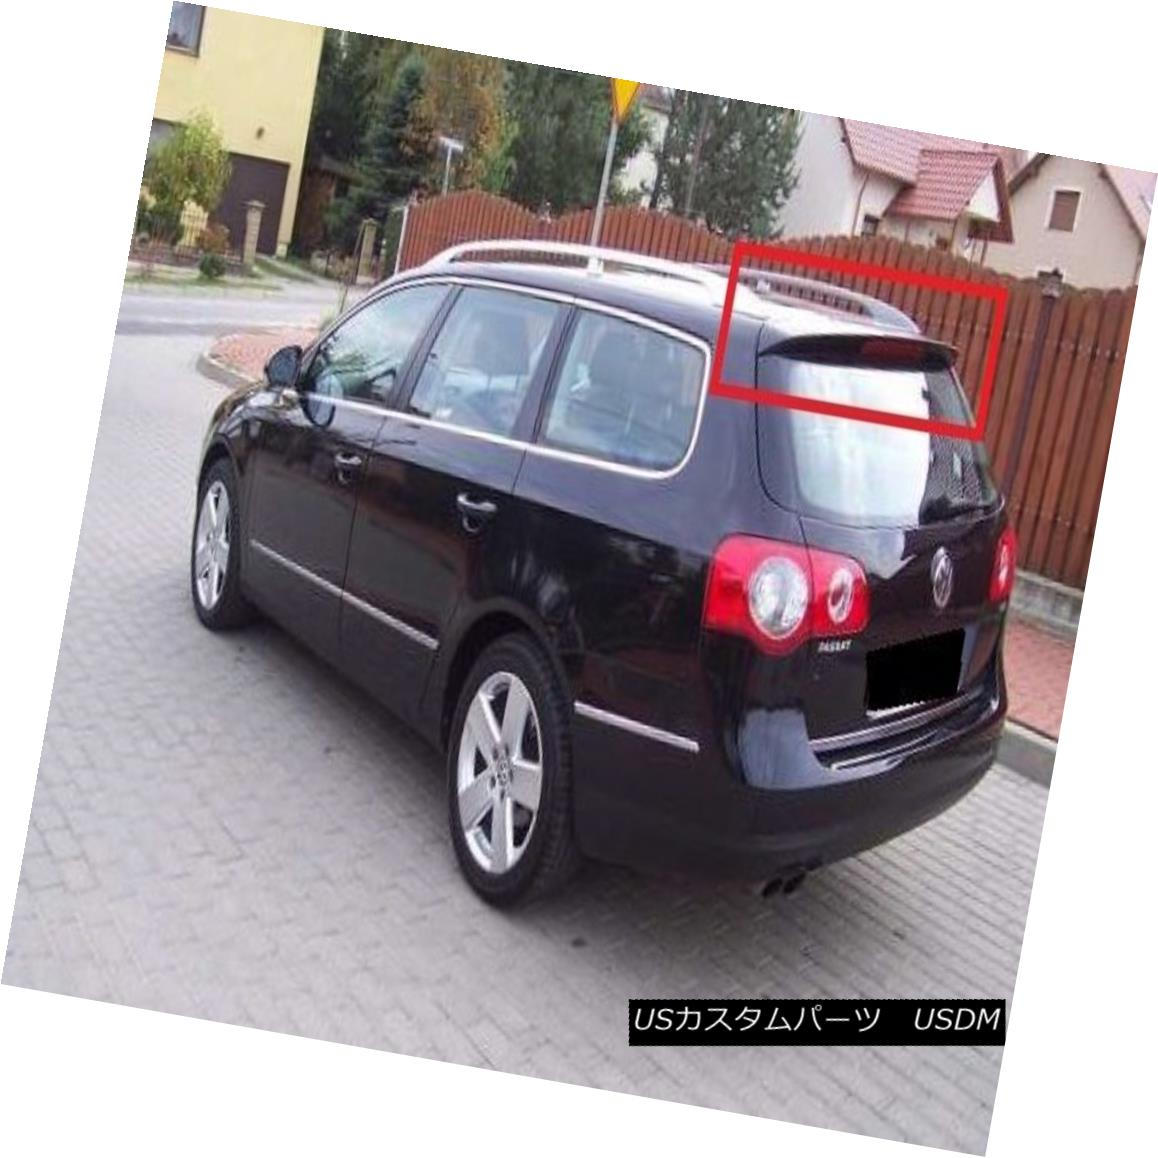 エアロパーツ VOLKSWAGEN VW PASSAT B6 R-LINE 06-10 AVANT / ESTATE REAR ROOF SPOILER NEW フォルクスワーゲンVWパサートB6 Rライン06-10 AVANT / ESTATE REAR ROOF SPOILER NEW